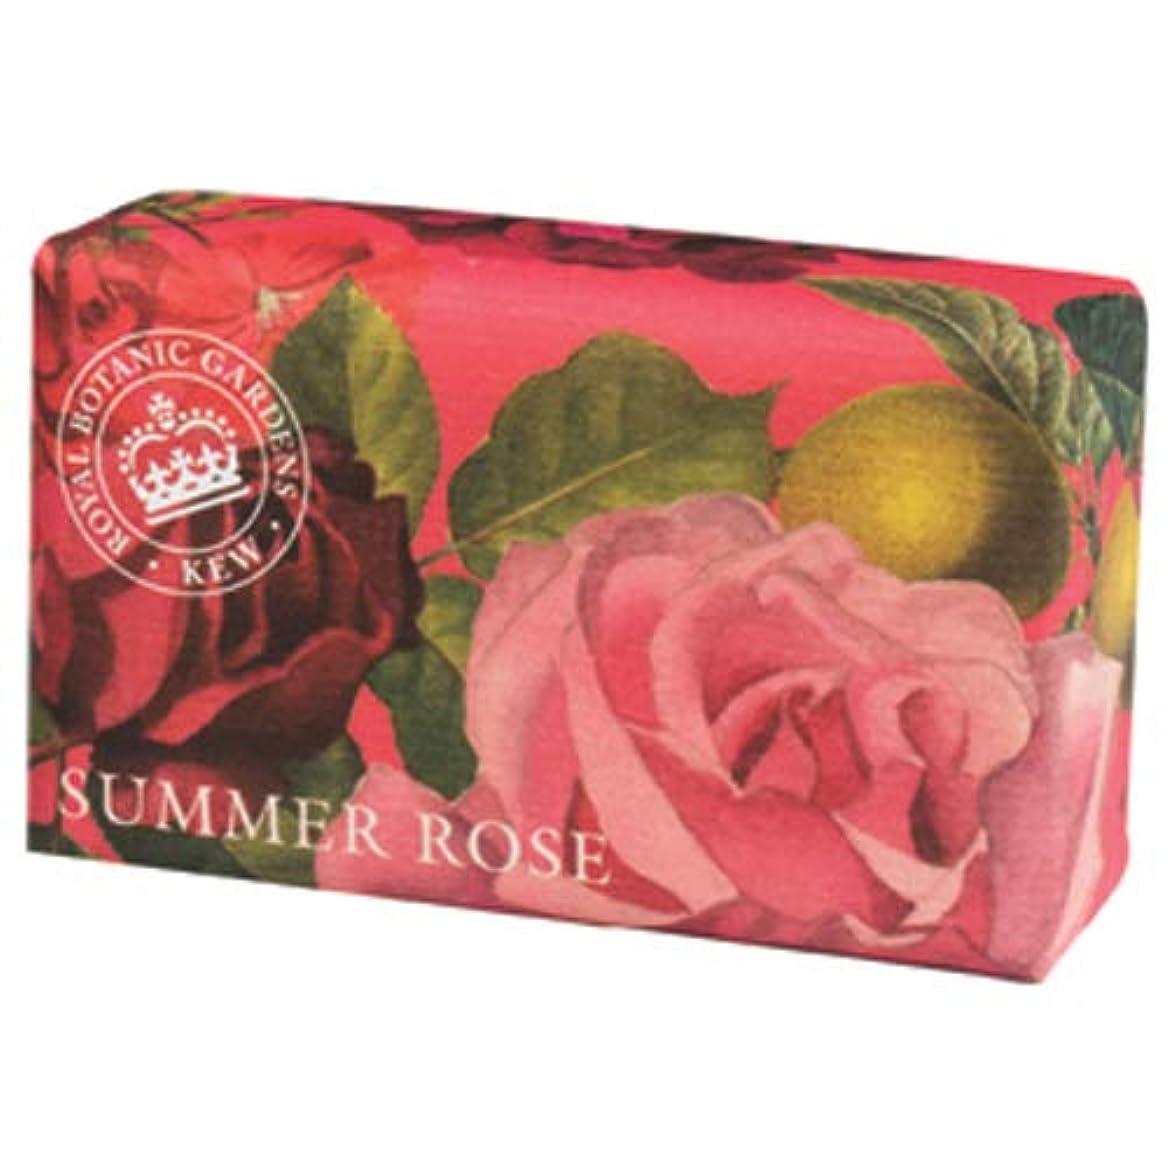 フィルタ余裕がある主張三和トレーディング English Soap Company イングリッシュソープカンパニー KEW GARDEN キュー・ガーデン Luxury Shea Soaps シアソープ Summer Rose サマーローズ